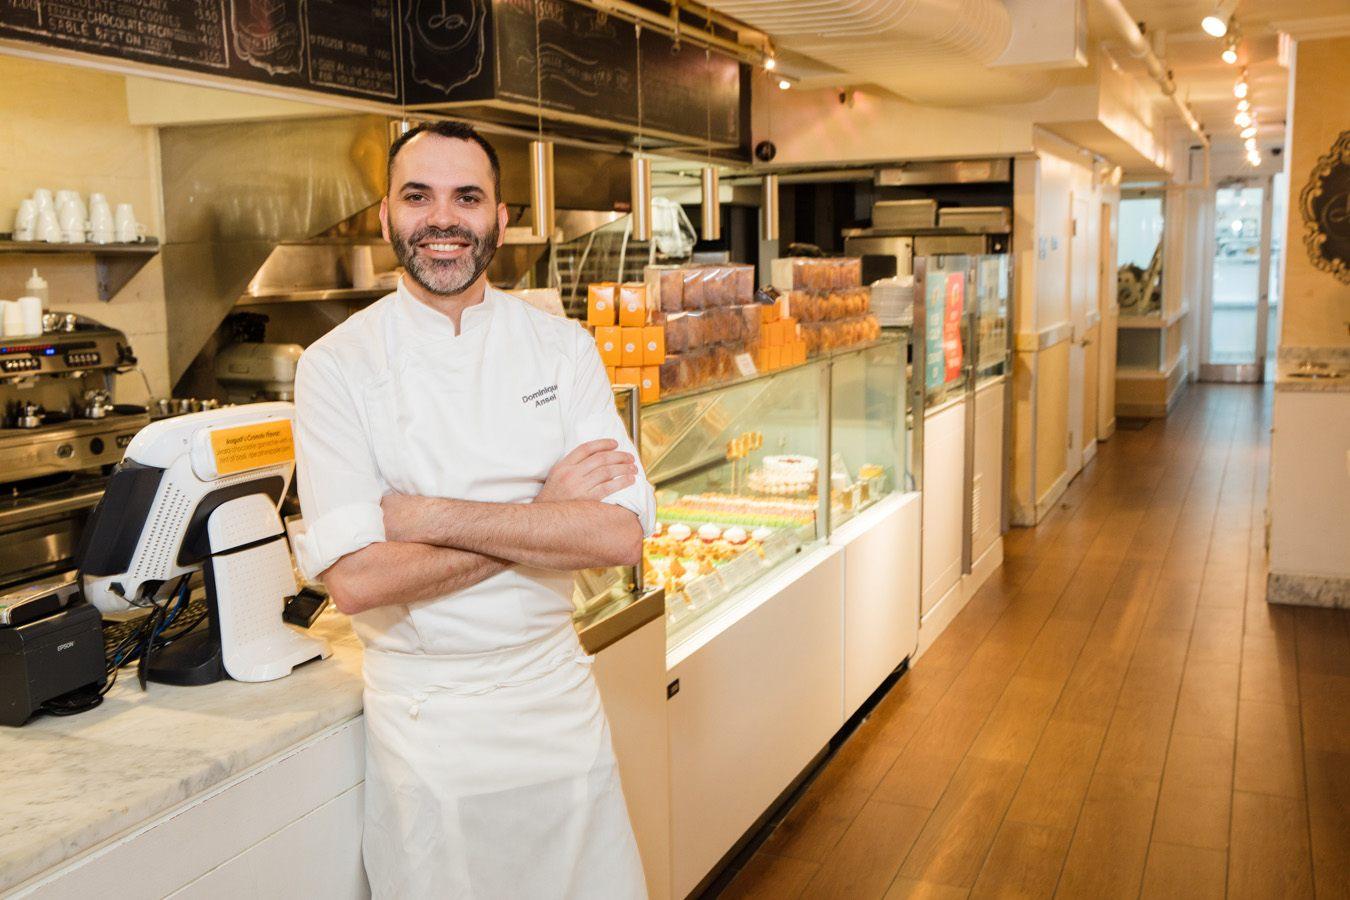 Chef Dominique Ansel